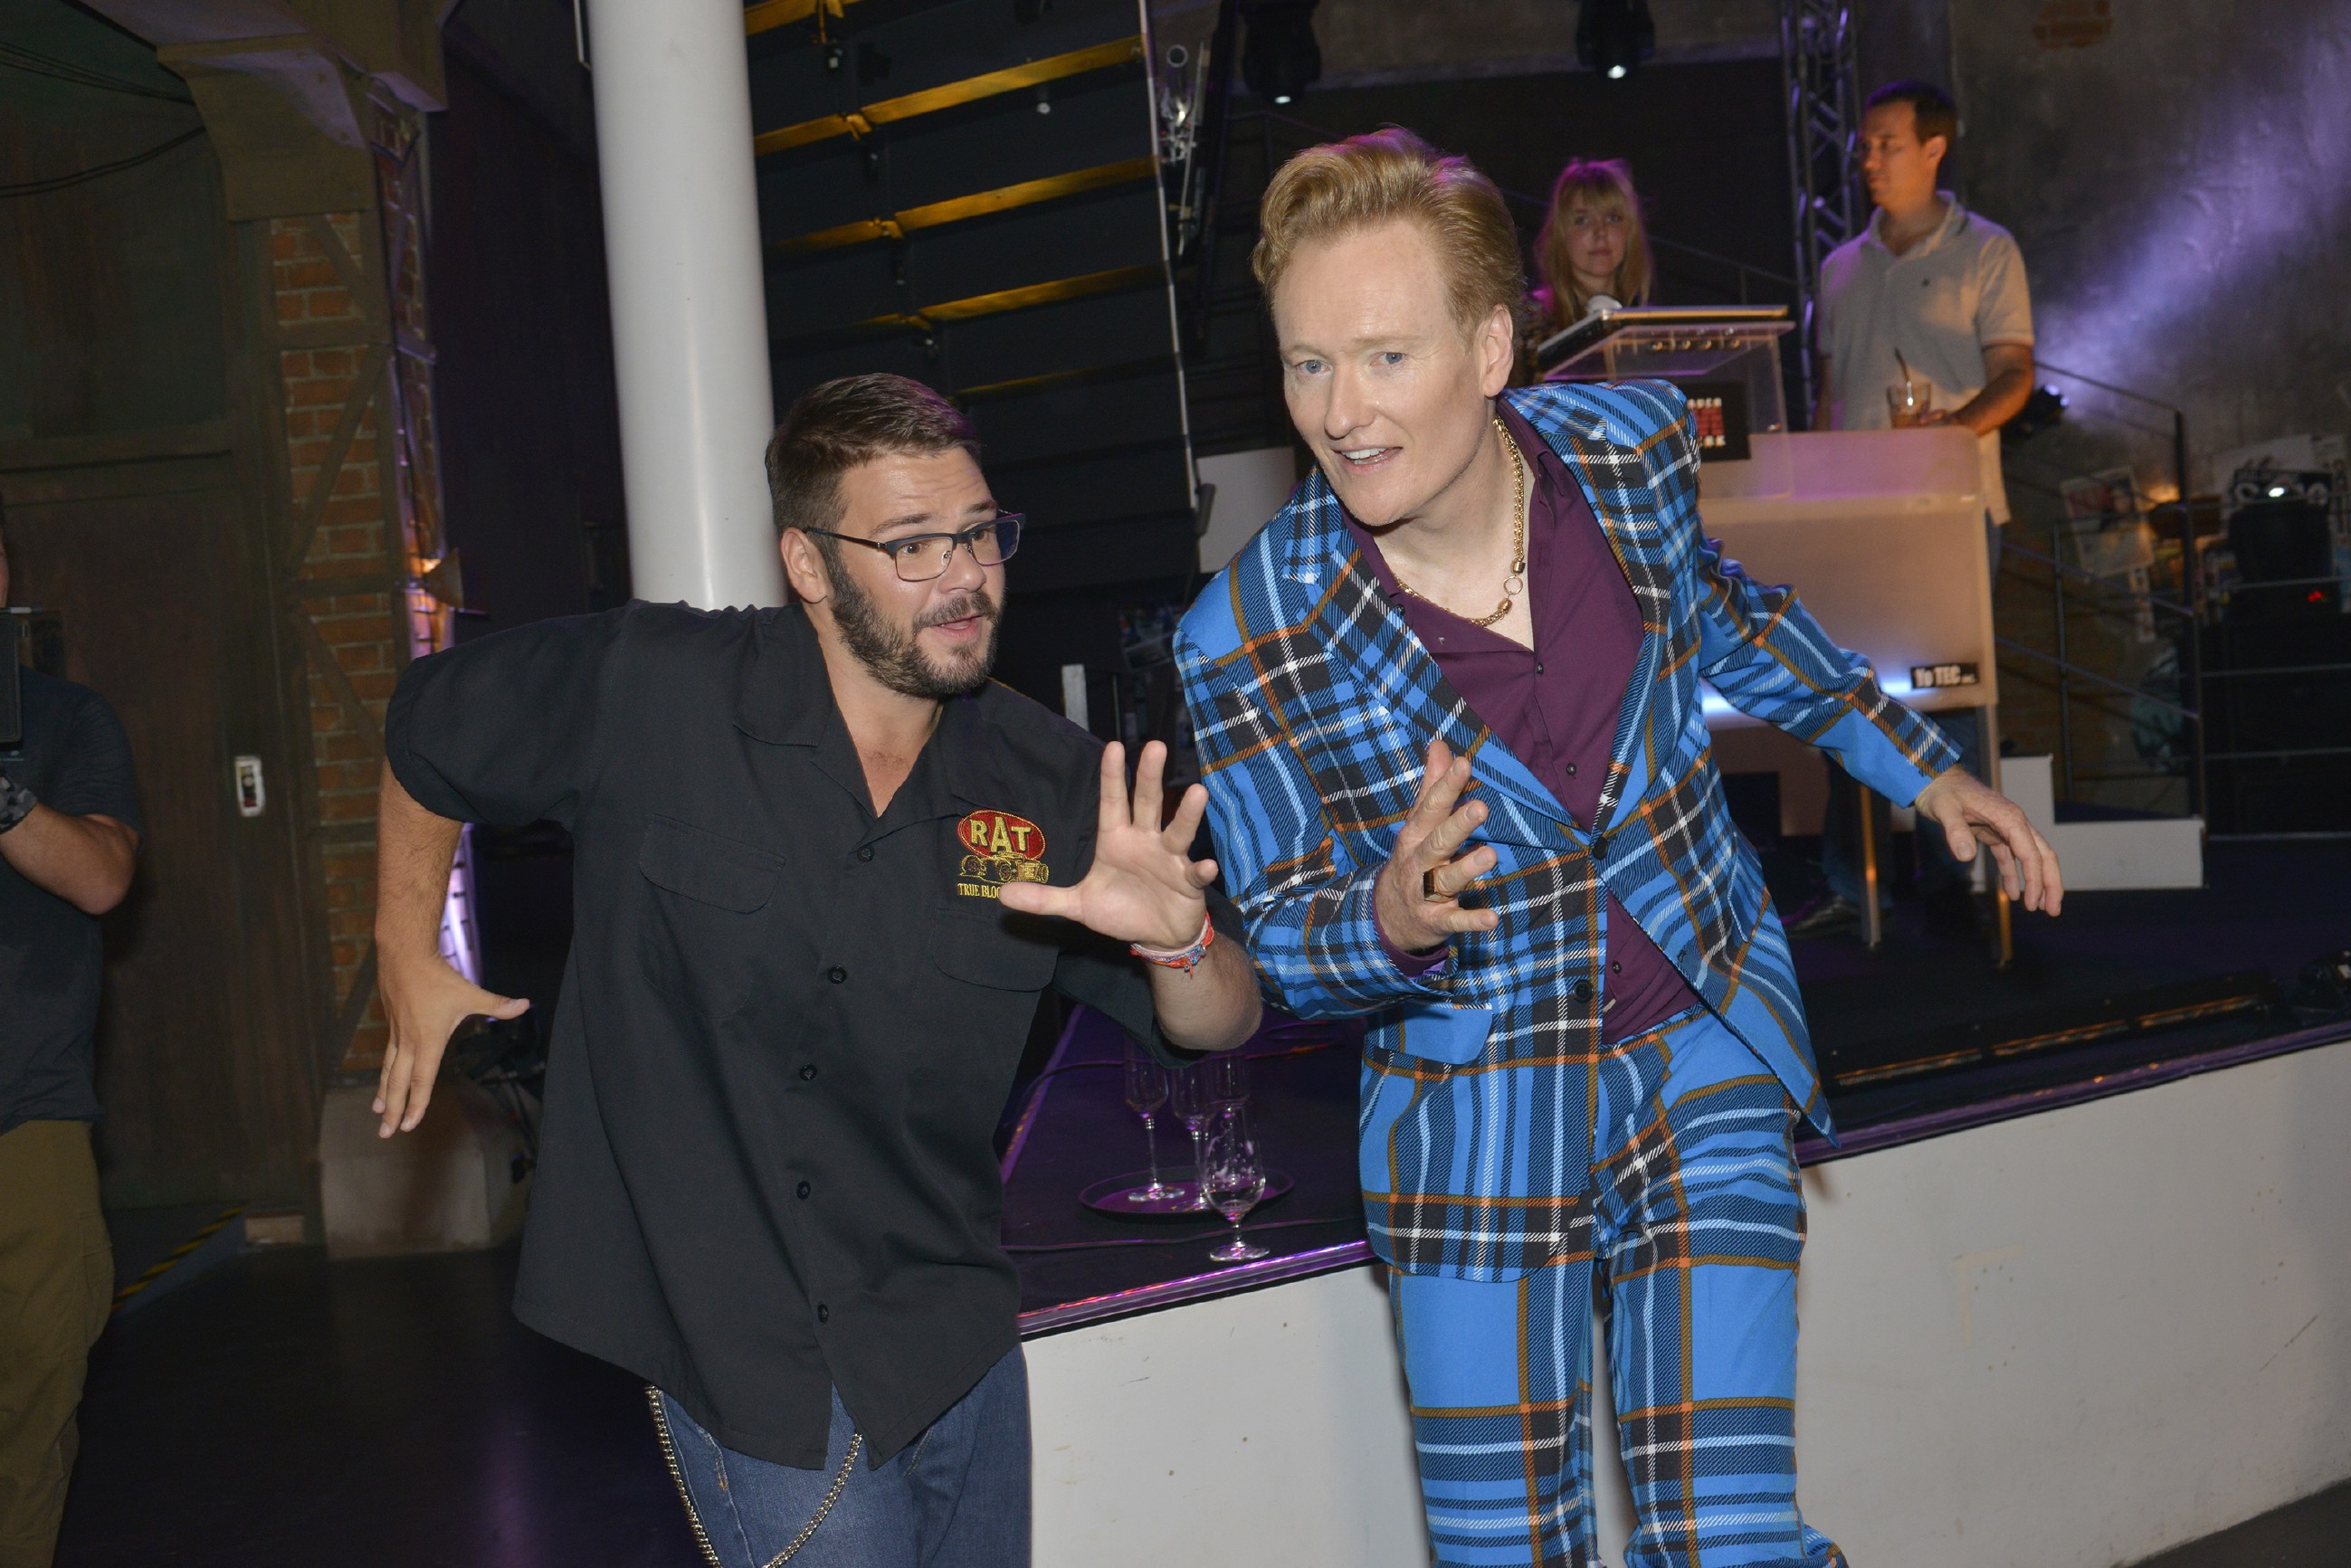 Tuner (Thomas Drechsel, l.) lässt sich auf einen wilden Ausdruckstanz mit dem extravaganten Modedesigner Johnny J. Smith (US-Talkmaster Conan O'Brien) ein, um Jule von seiner Spontanität zu überzeugen.